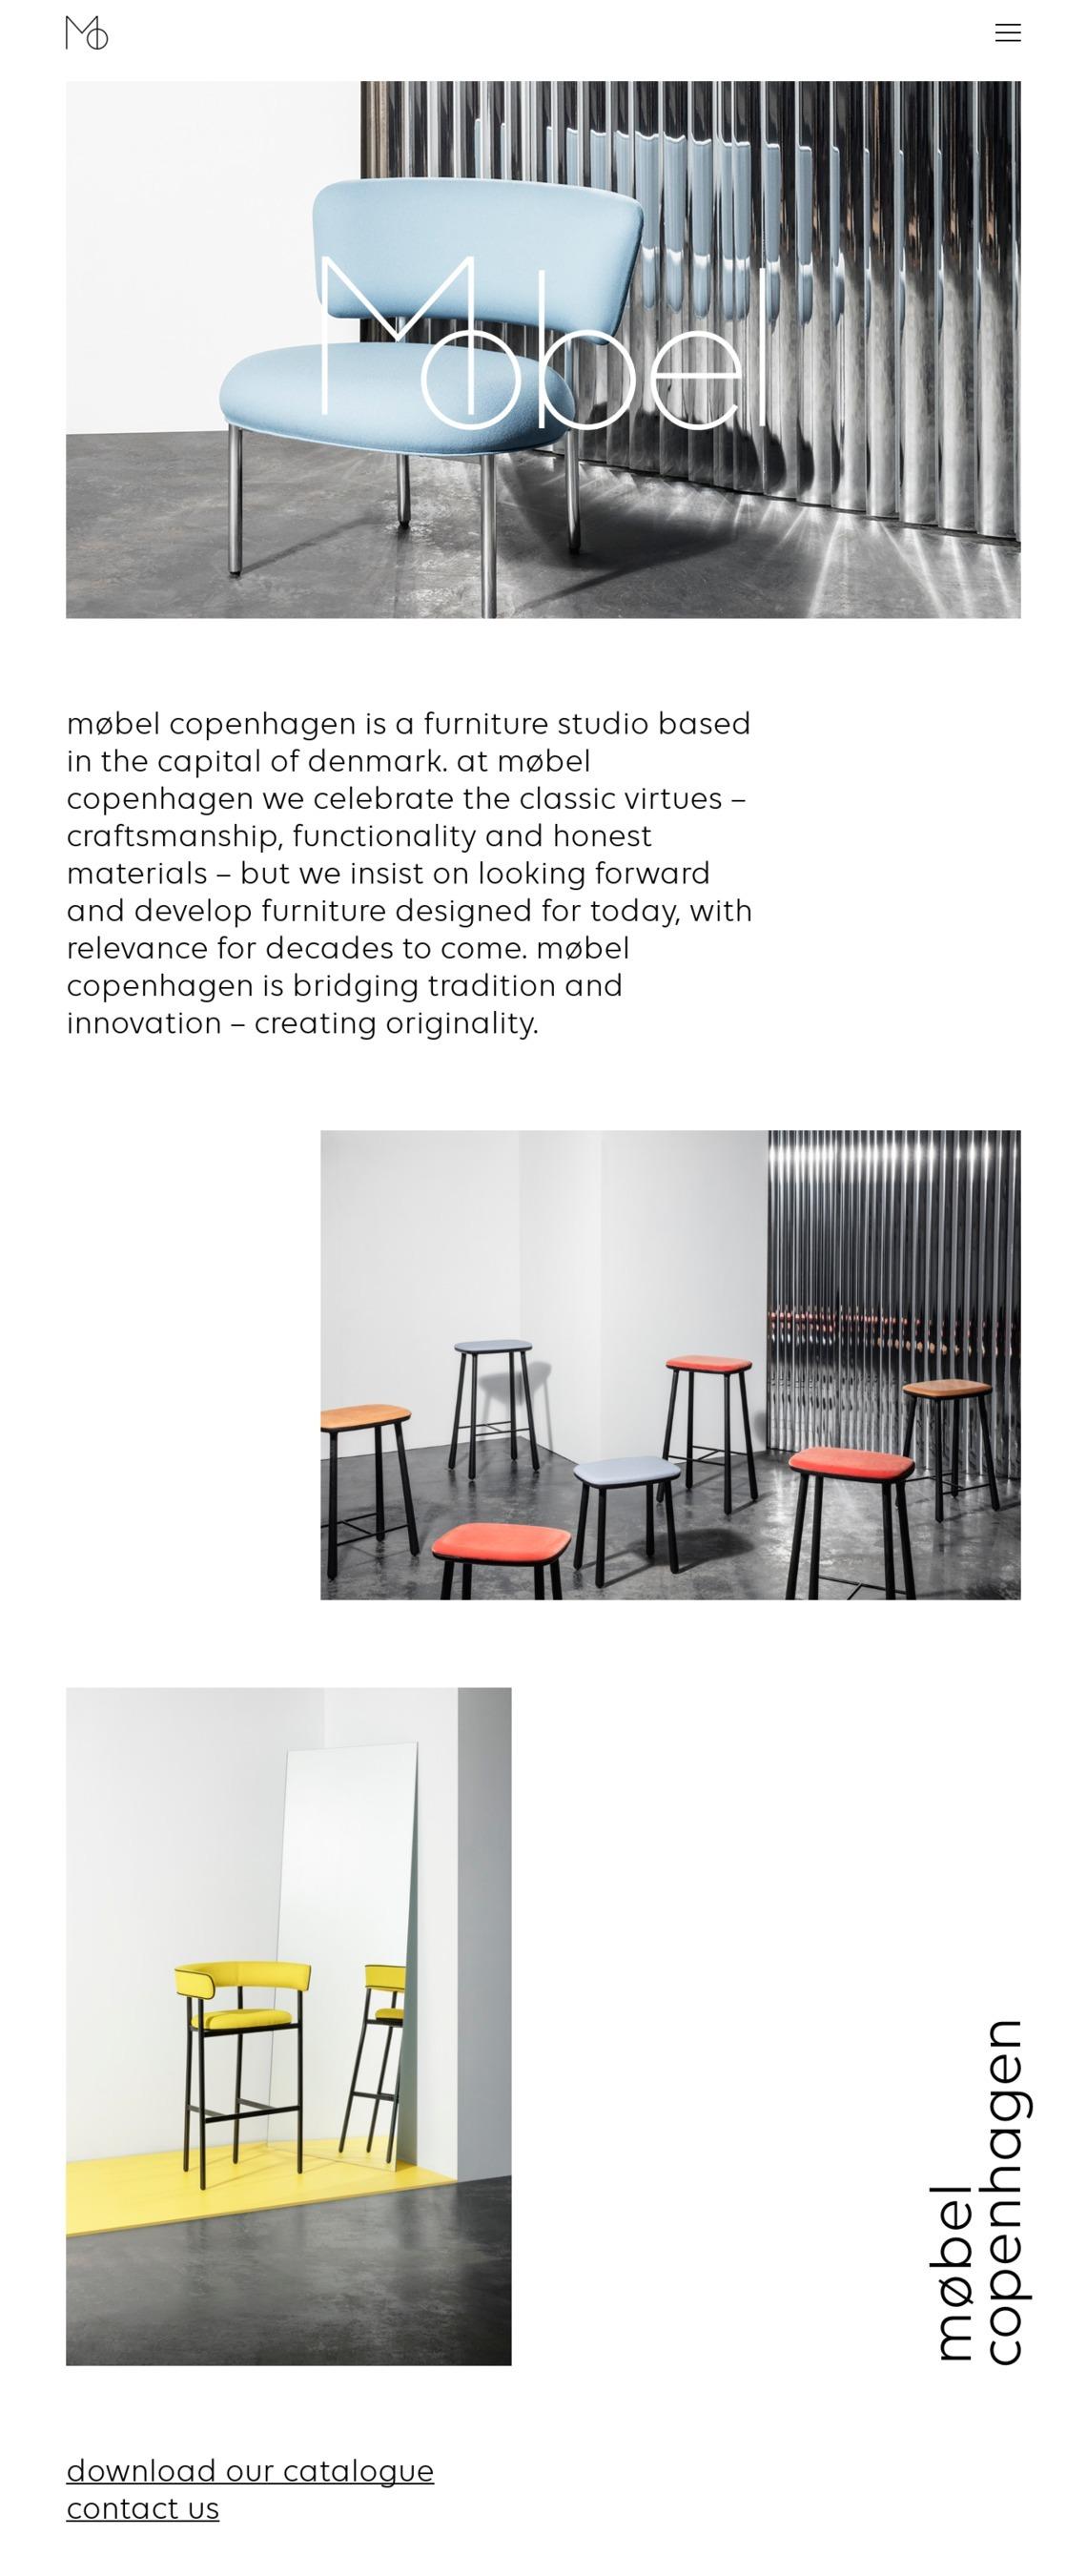 Fantastisch Mobel Copenhagen.com